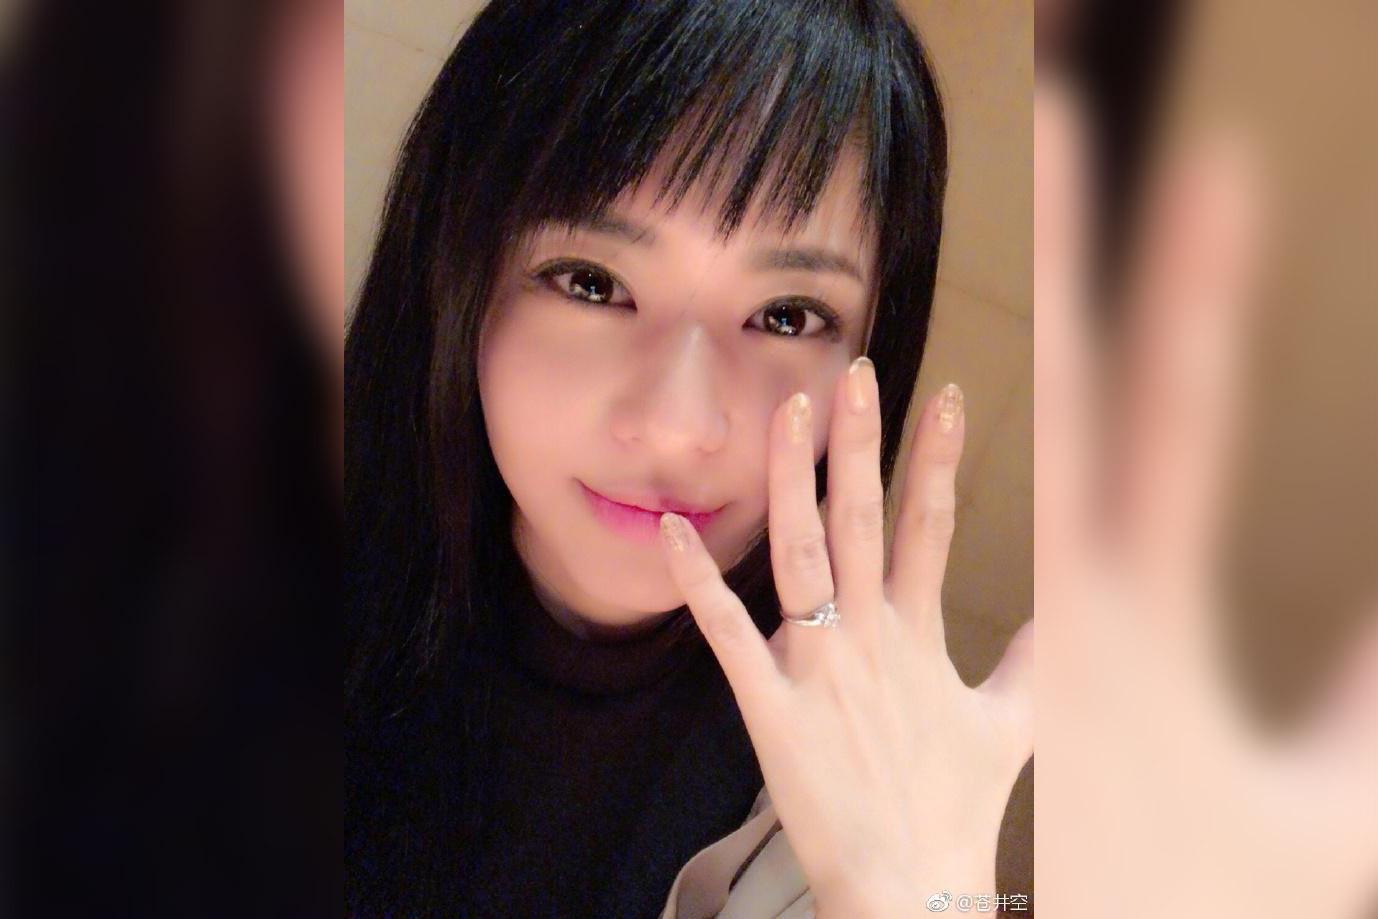 <p><span>Фото &copy; Weibo</span></p>